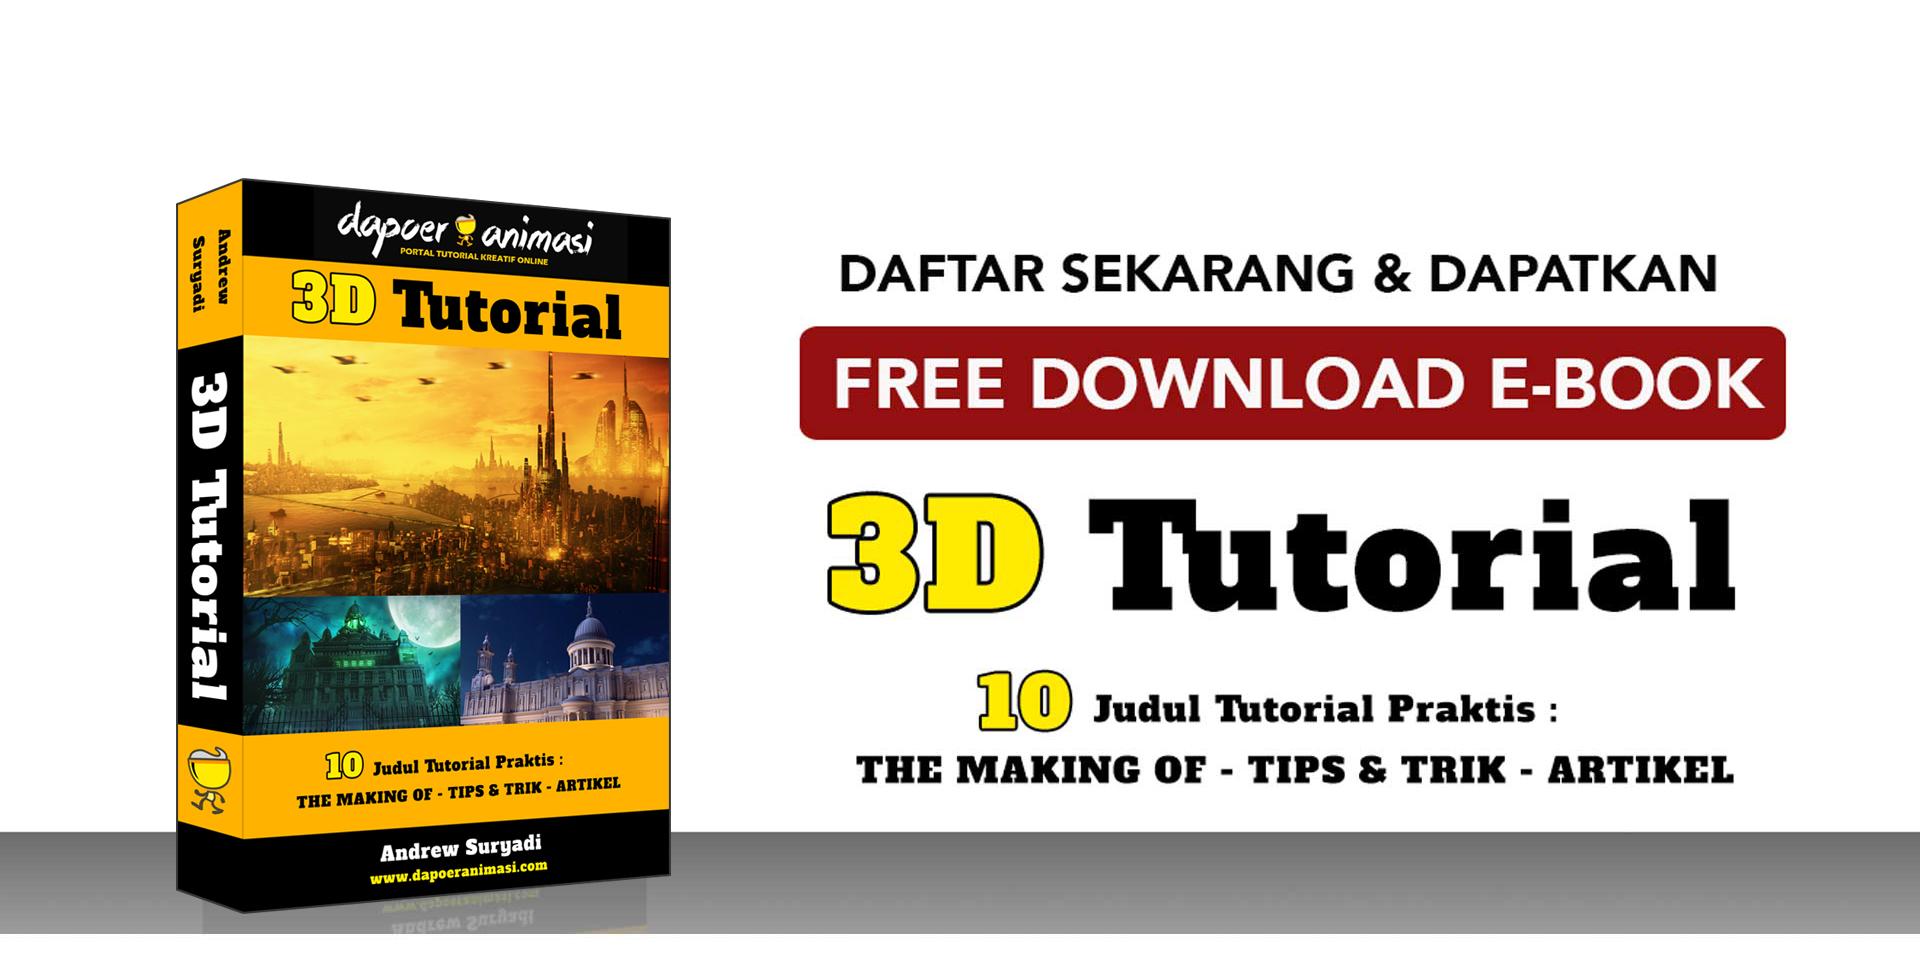 Selamat datang belajar forex gratis